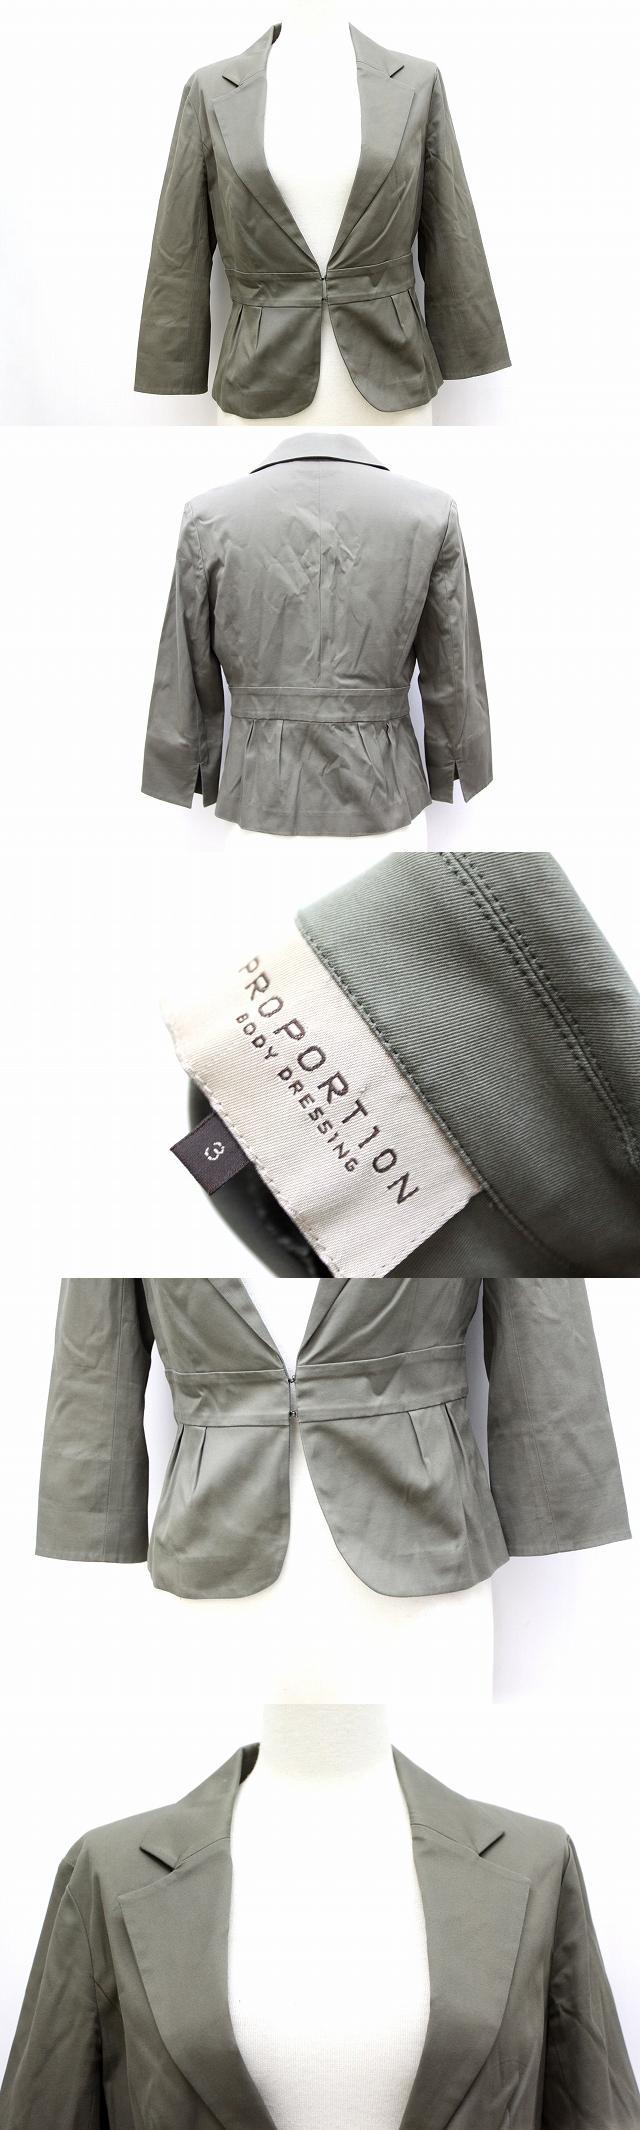 テーラード ジャケット ブルゾン アウター 薄手 タイト 長袖 3 カーキ /BT14